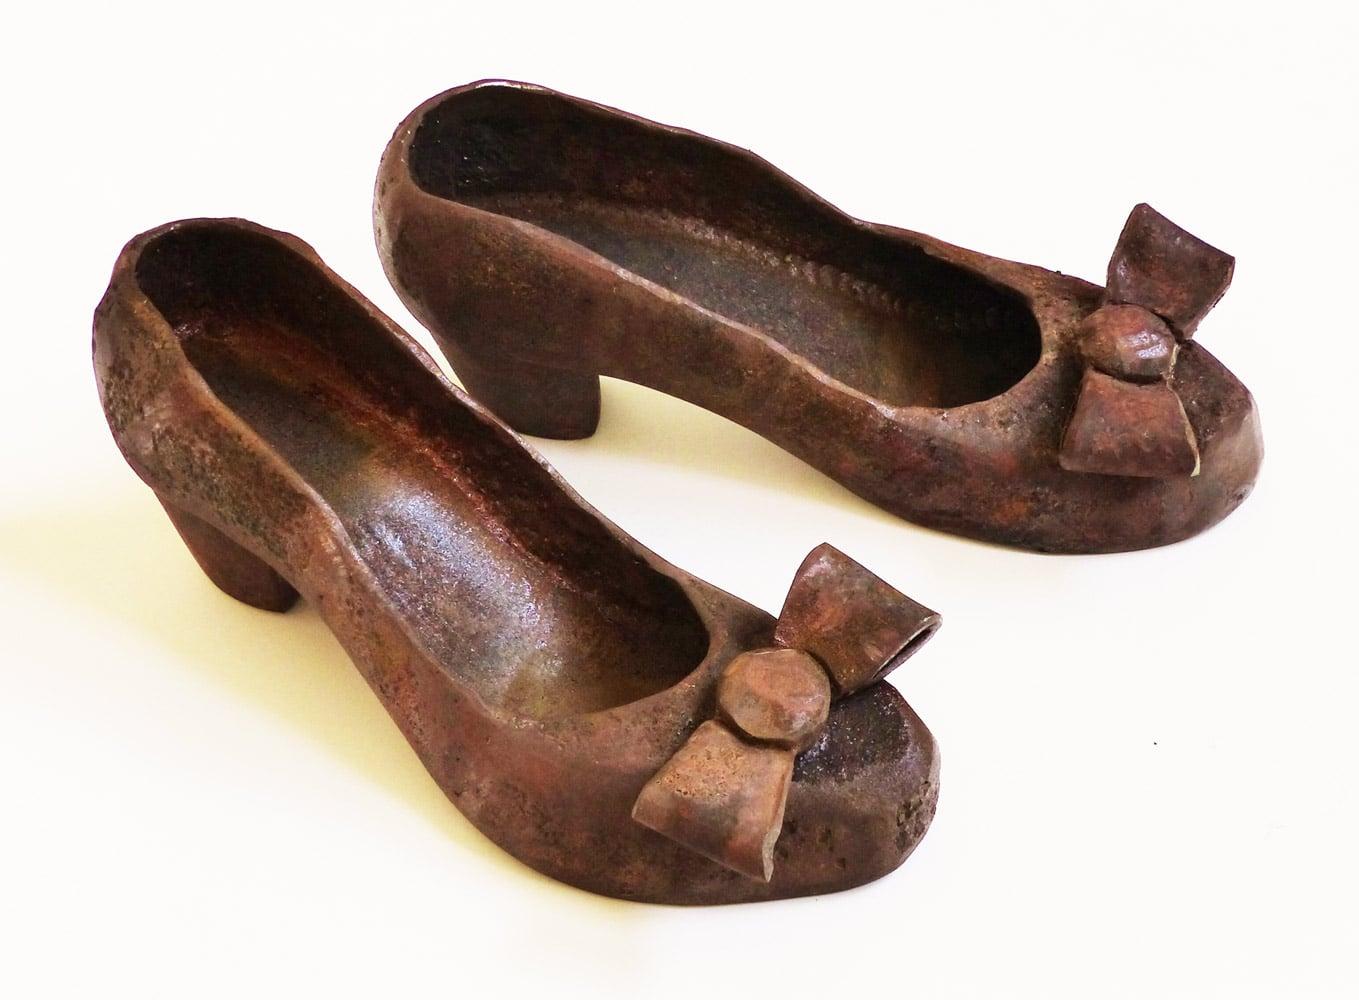 Chris-Kircher-Schuhe-aus-MetallschrottTanzschuhe